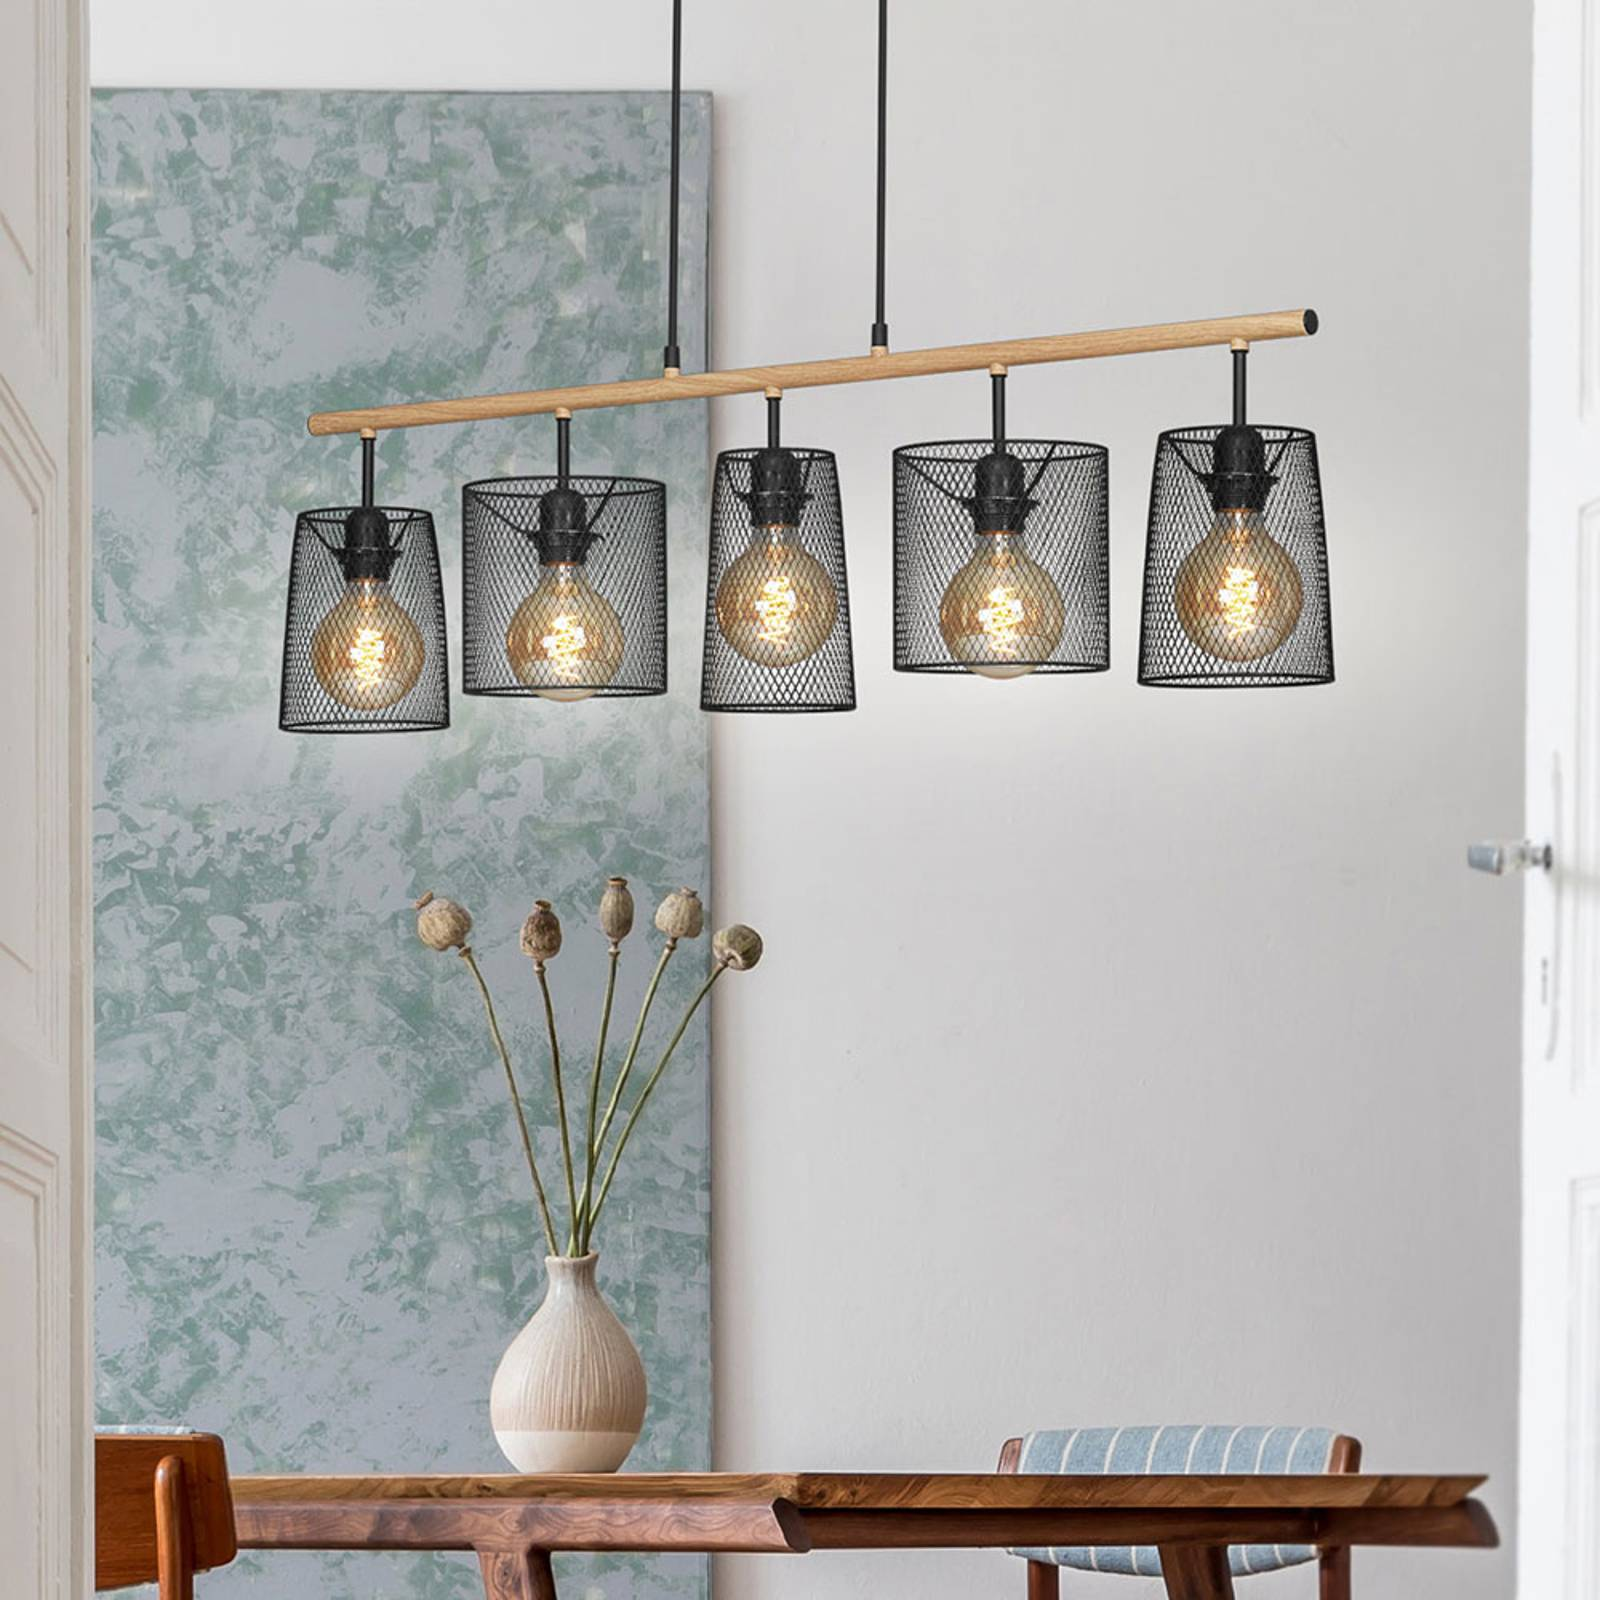 Suspension Retro à 5 lampes, bois clair/noire